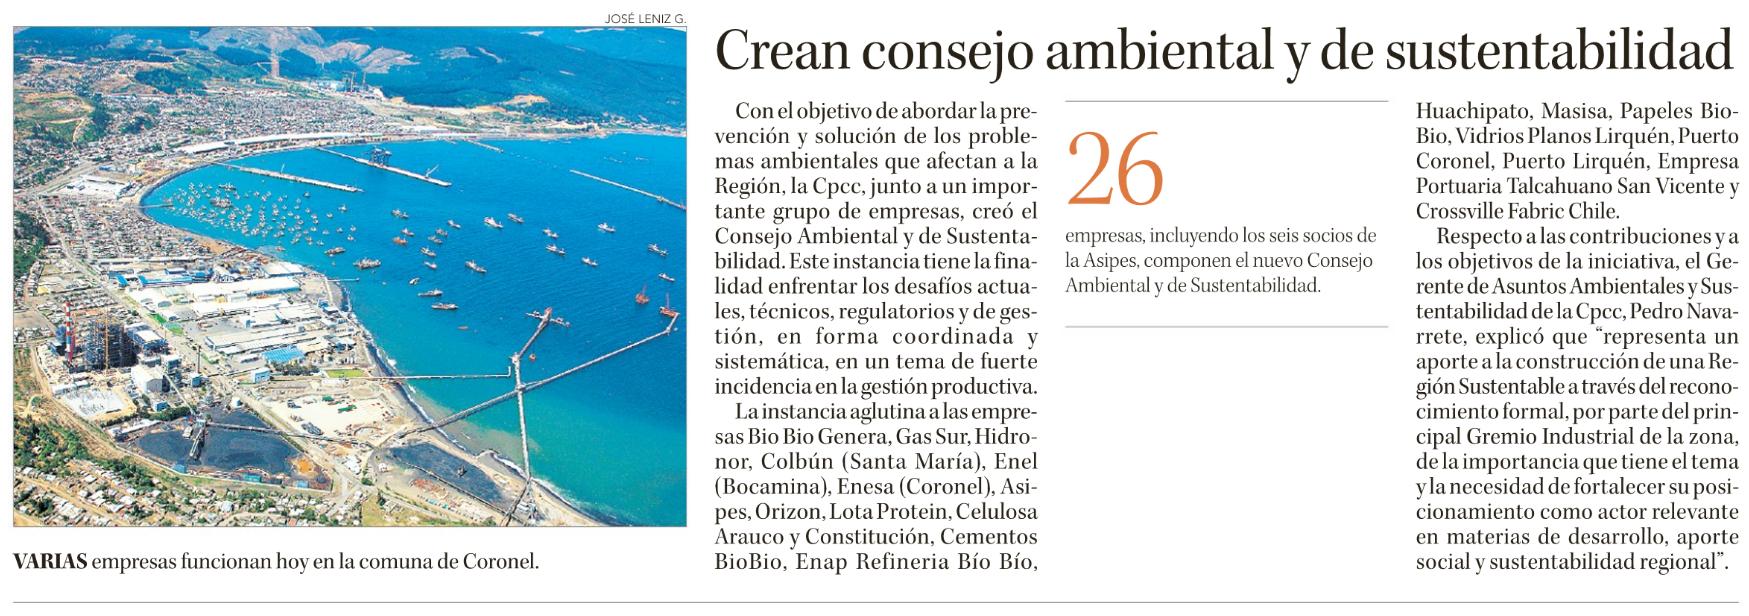 08.014.2017 Crean Consejo ambiental y d e sustentabilidad_Diario Concepción